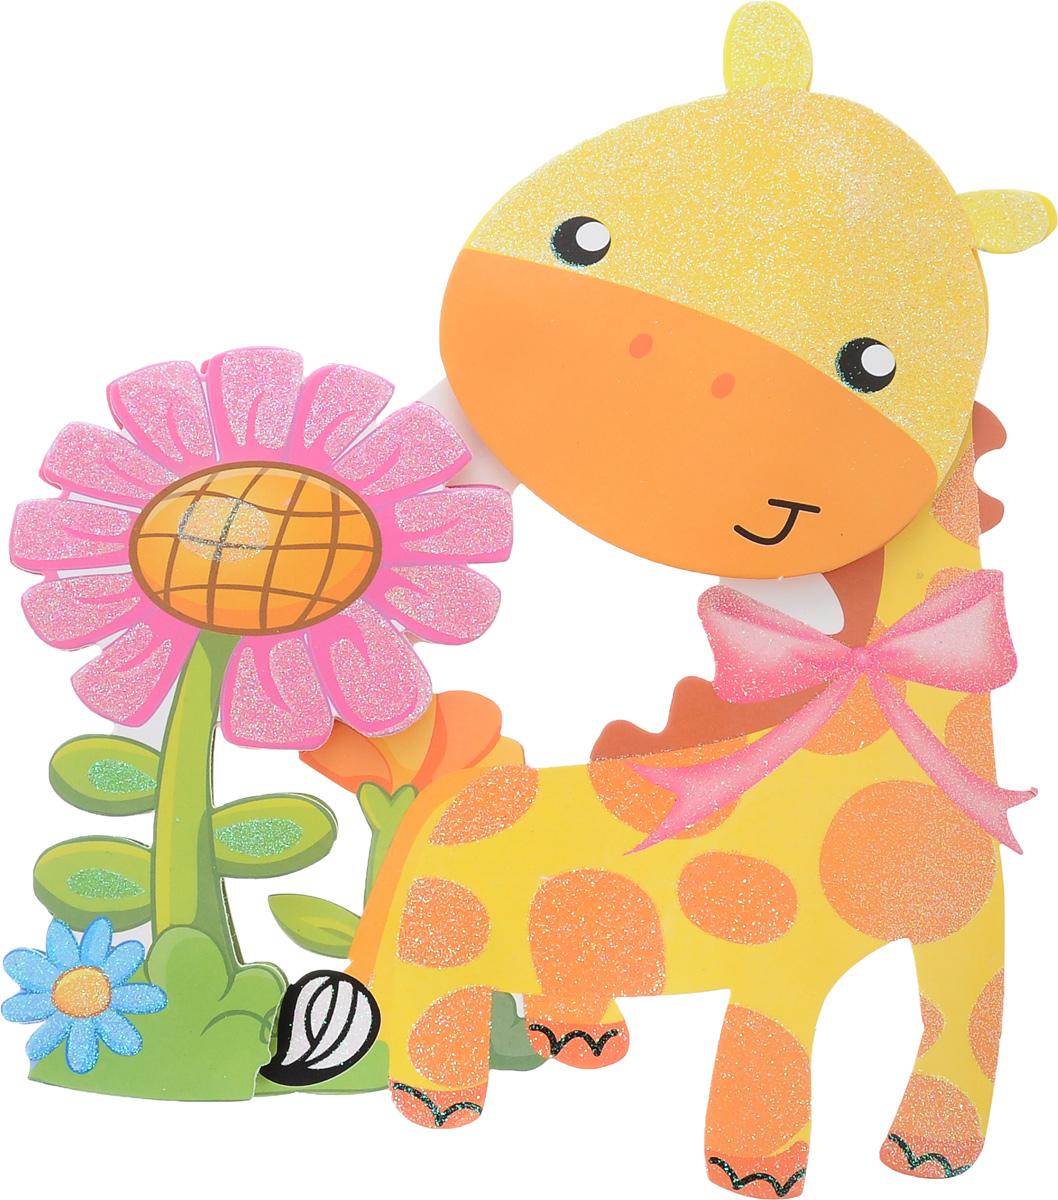 Наклейка декоративная Феникс-Презент Жираф, самоклеющаяся, 35,5 х 25 см31815Наклейка декоративная Феникс-Презент Жираф поможет украсить вашдом.Наклейка выполнена в виде красочного жирафа.Декоративная наклейка Феникс Жираф многоразового использования.Выбрав новое место в доме, вы легко сможете переклеить наклейку снова. Наклейкапрекрасно украсит стены, окна, двери, зеркала и другие поверхности. Создайте в своем доме атмосферу тепла, веселья и радости, украшая его всейсемьей.